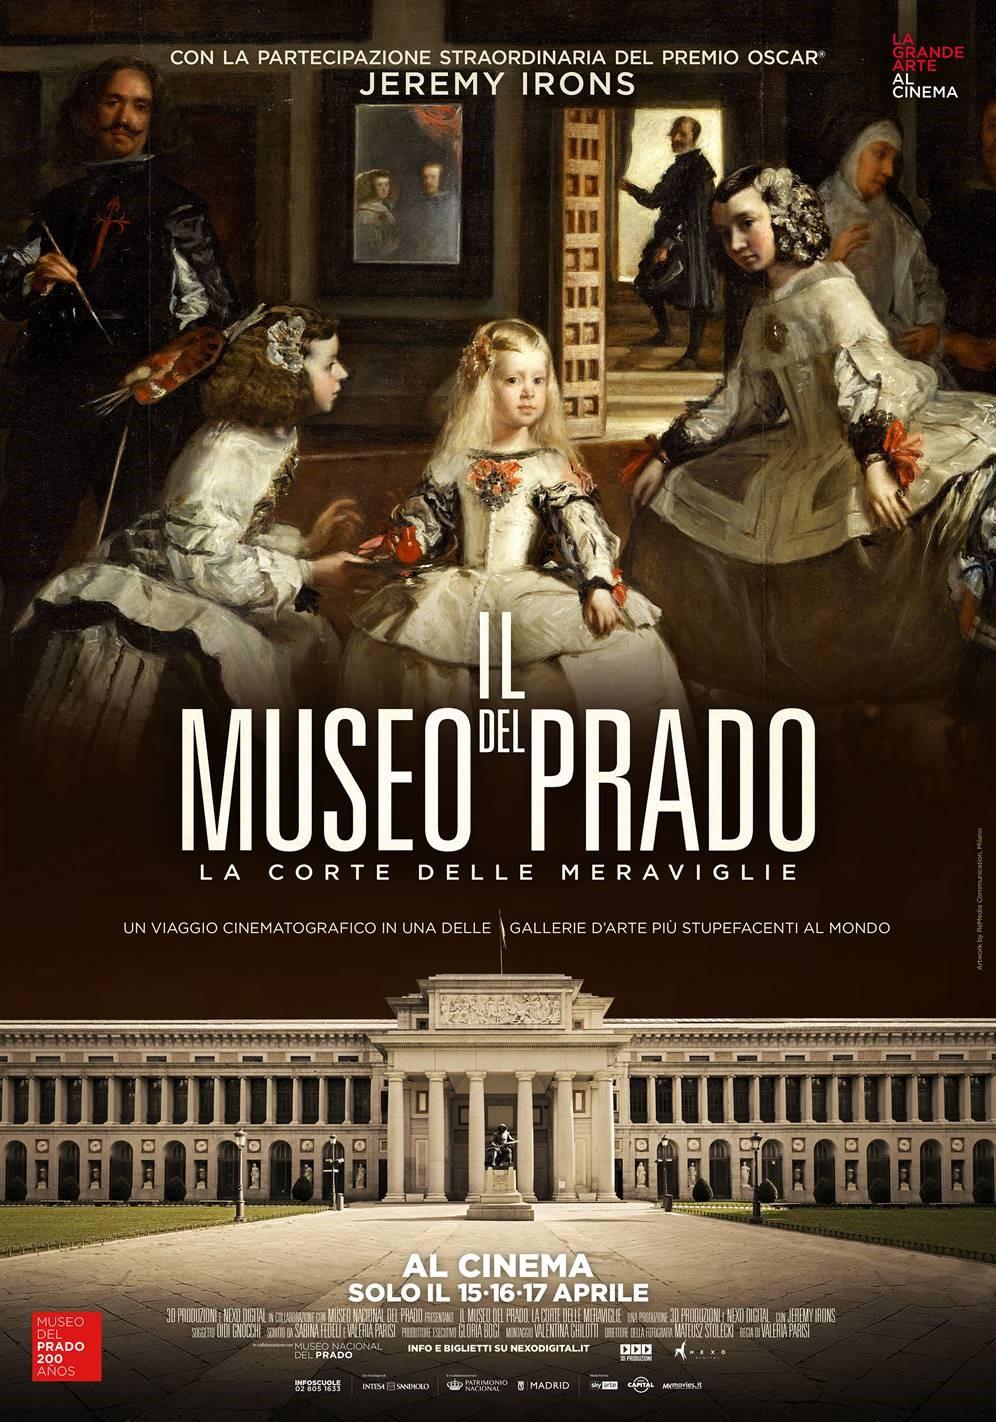 Risultati immagini per IL MUSEO DEL PRADO. LA CORTE DELLE MERAVIGLIE